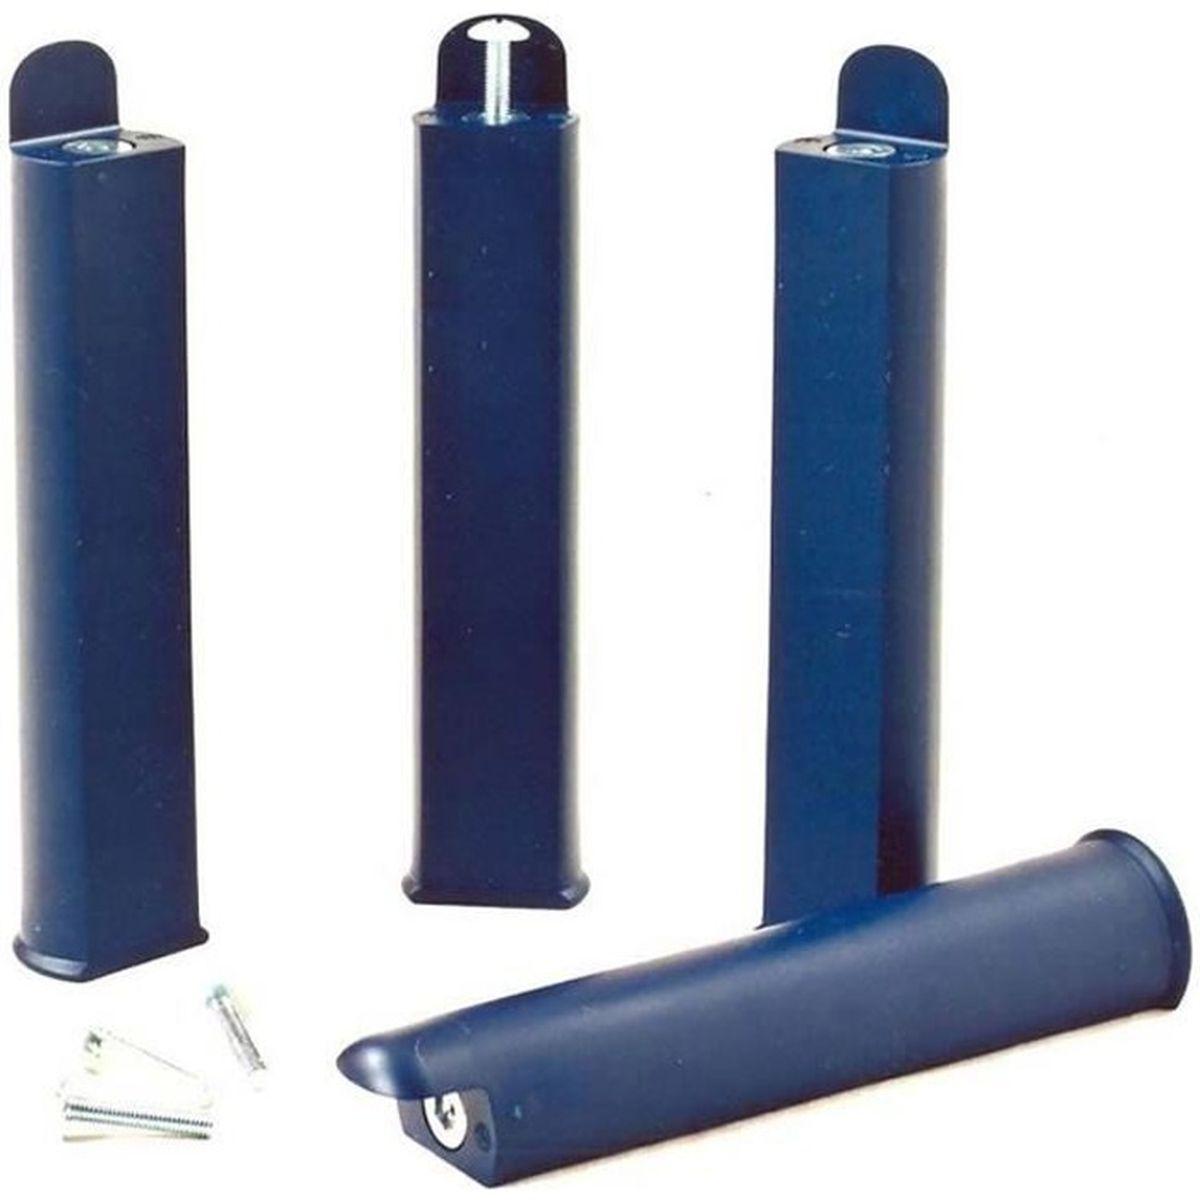 PIED DE LIT Jeu de 4 pieds 28 cm bleus pour cadre à lattes